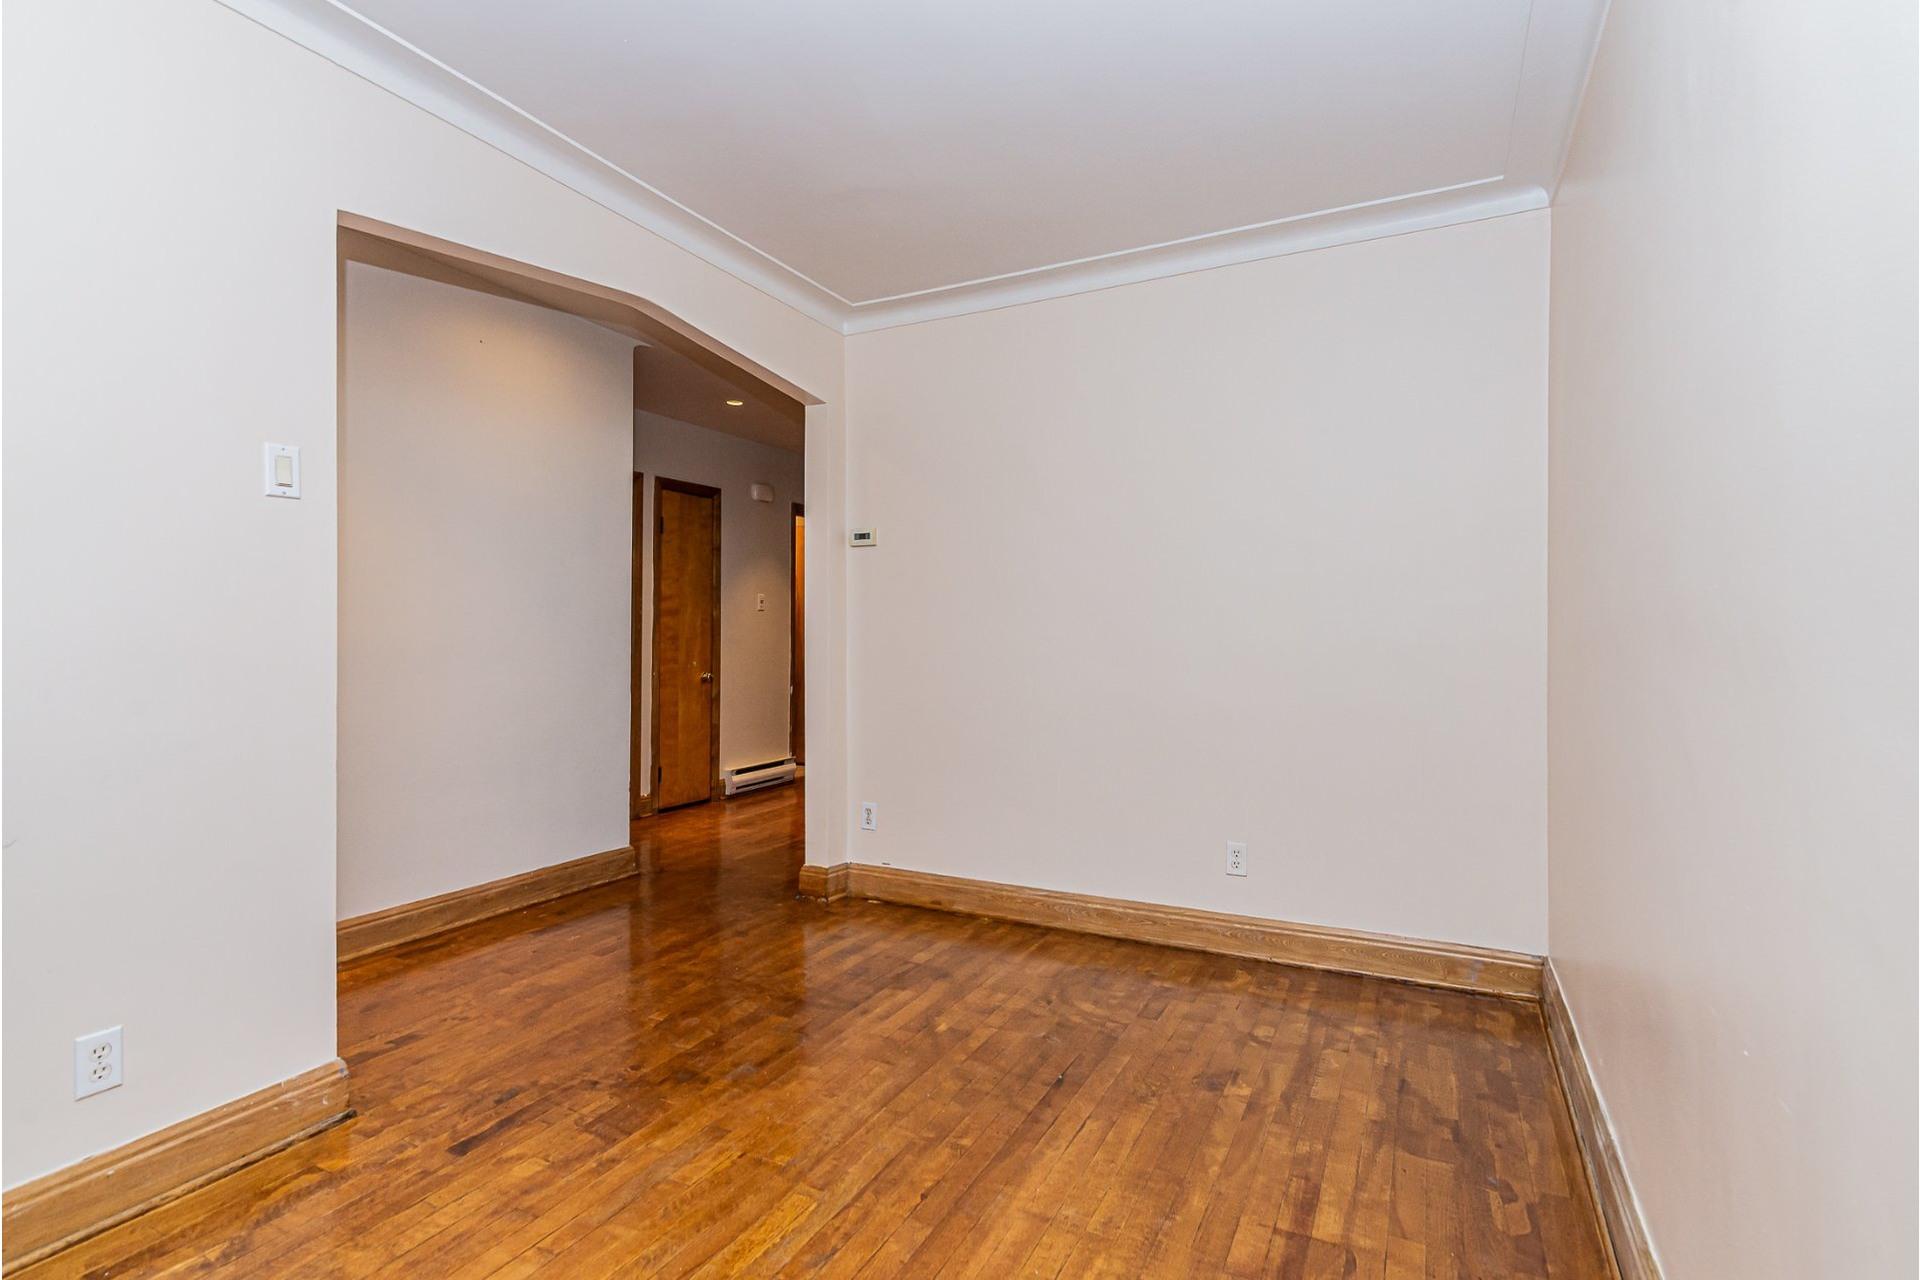 image 5 - Triplex For sale Villeray/Saint-Michel/Parc-Extension Montréal  - 6 rooms